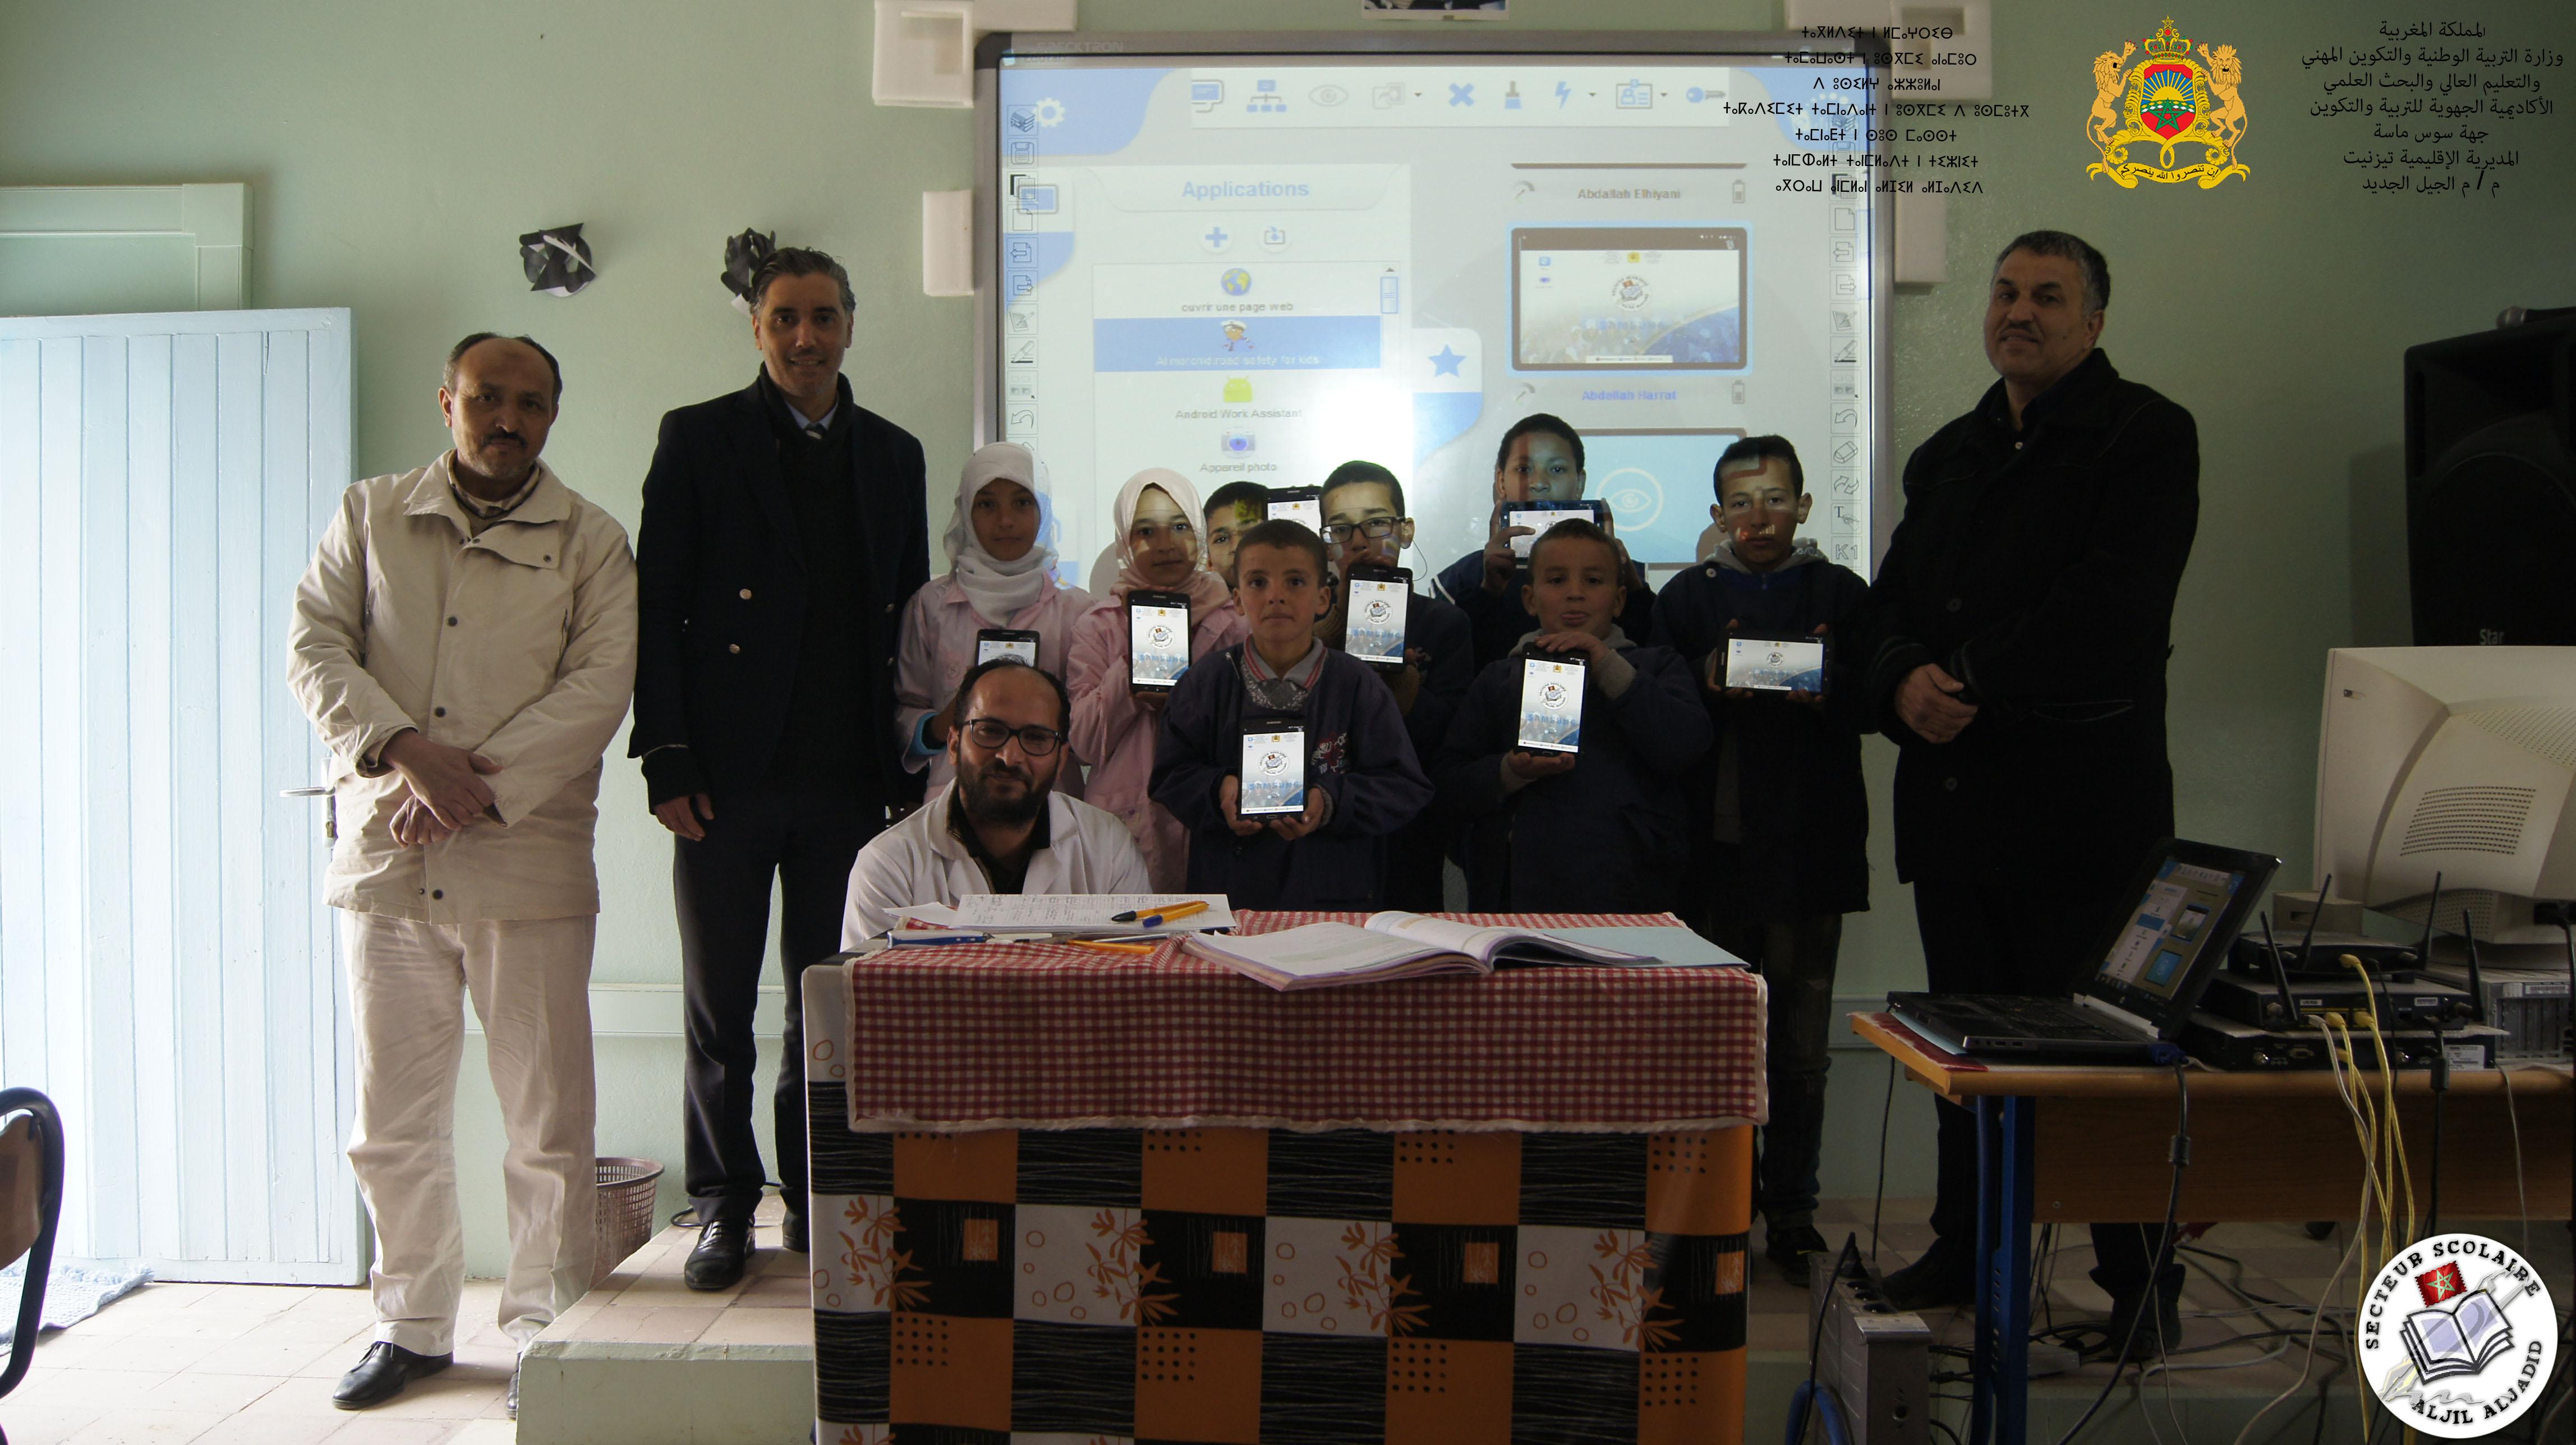 لجنة تربوية  بالمديرية الاقليمية بتيزنيت في زيارة  تتبع للمؤسسات التعليمية المستفيدة من اللوحات اللمسية